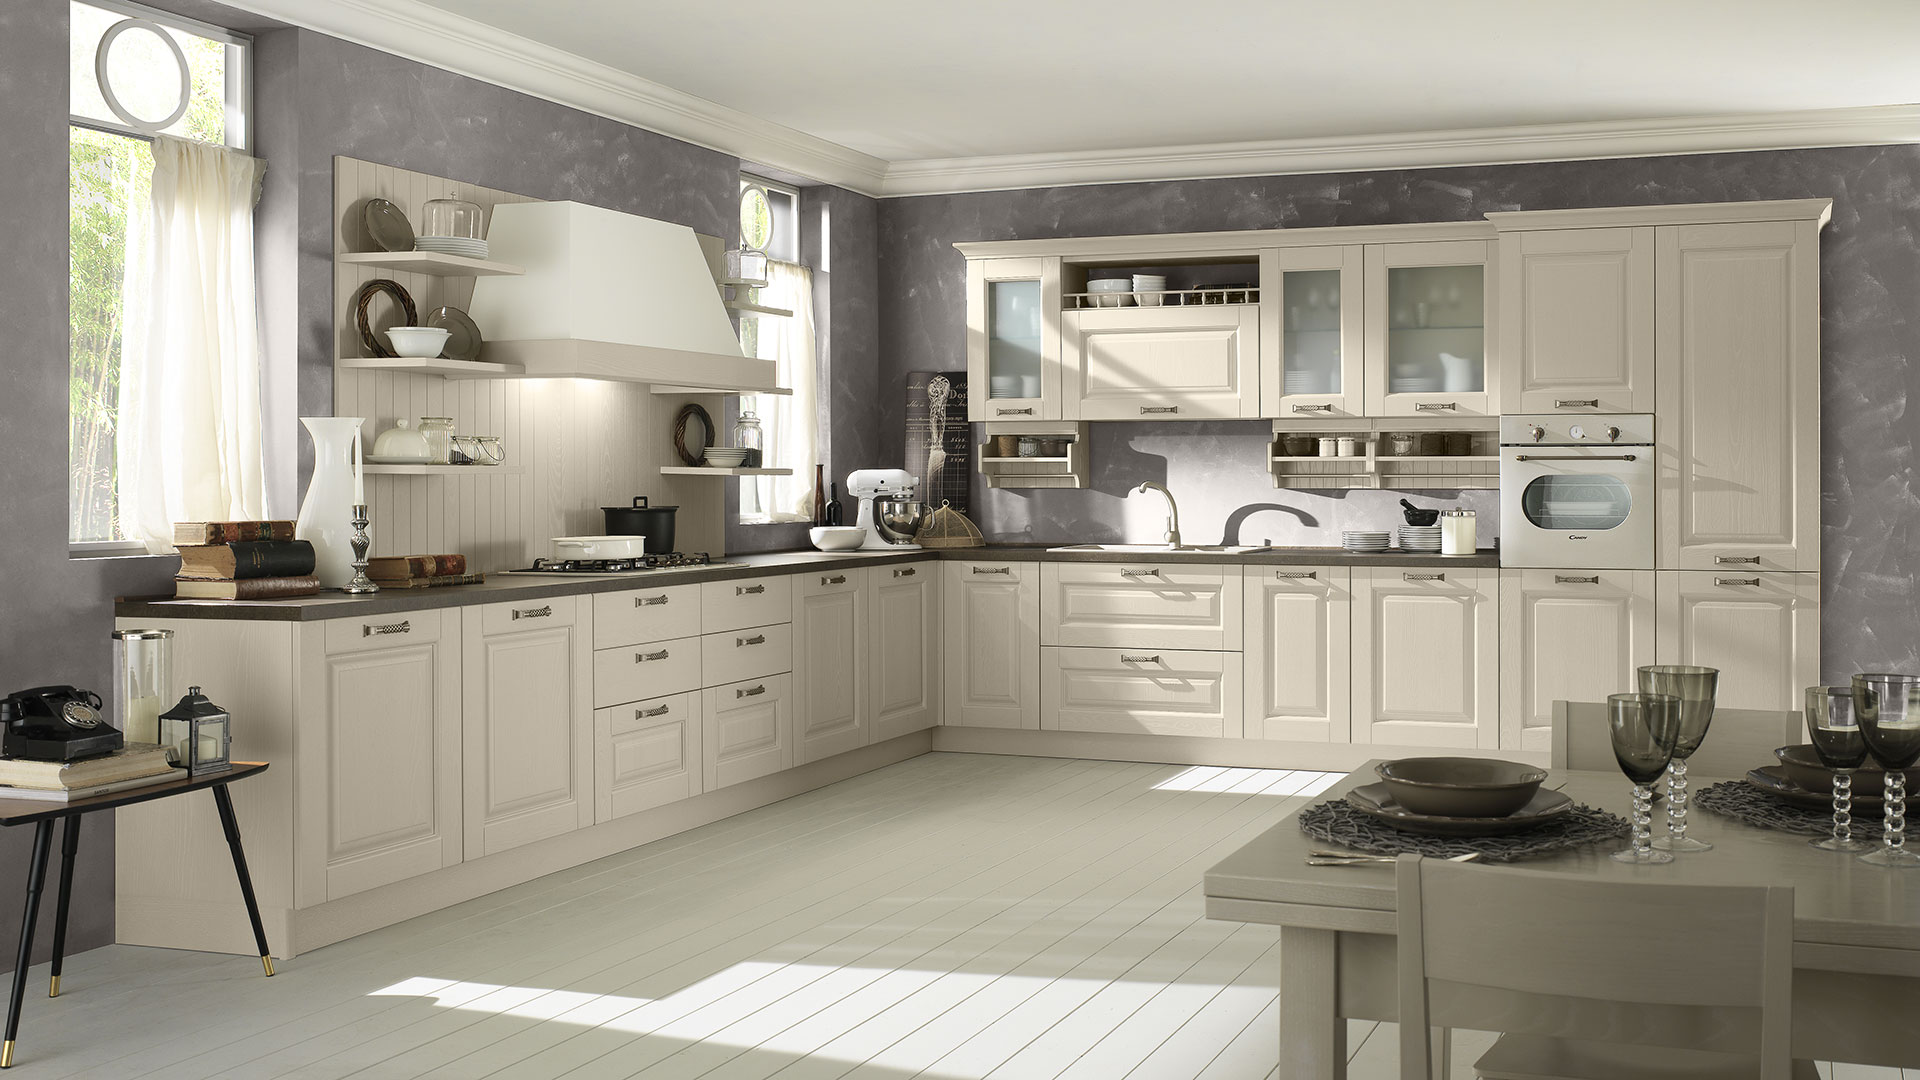 Cucine classiche in legno massello telma evo cucine - Cucina scavolini classica ...